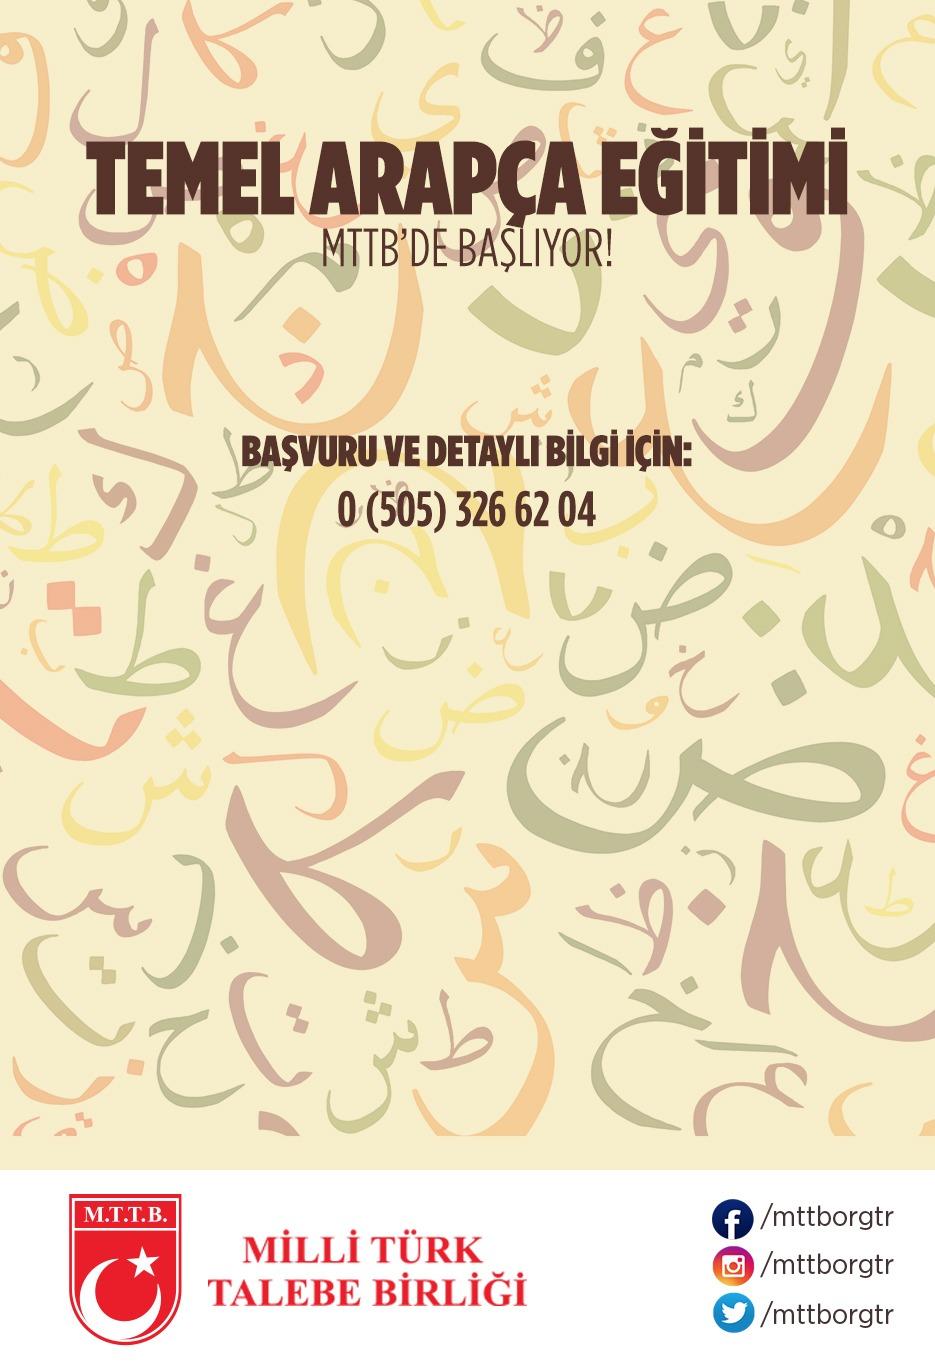 Temel Arapça Eğitim Kursu